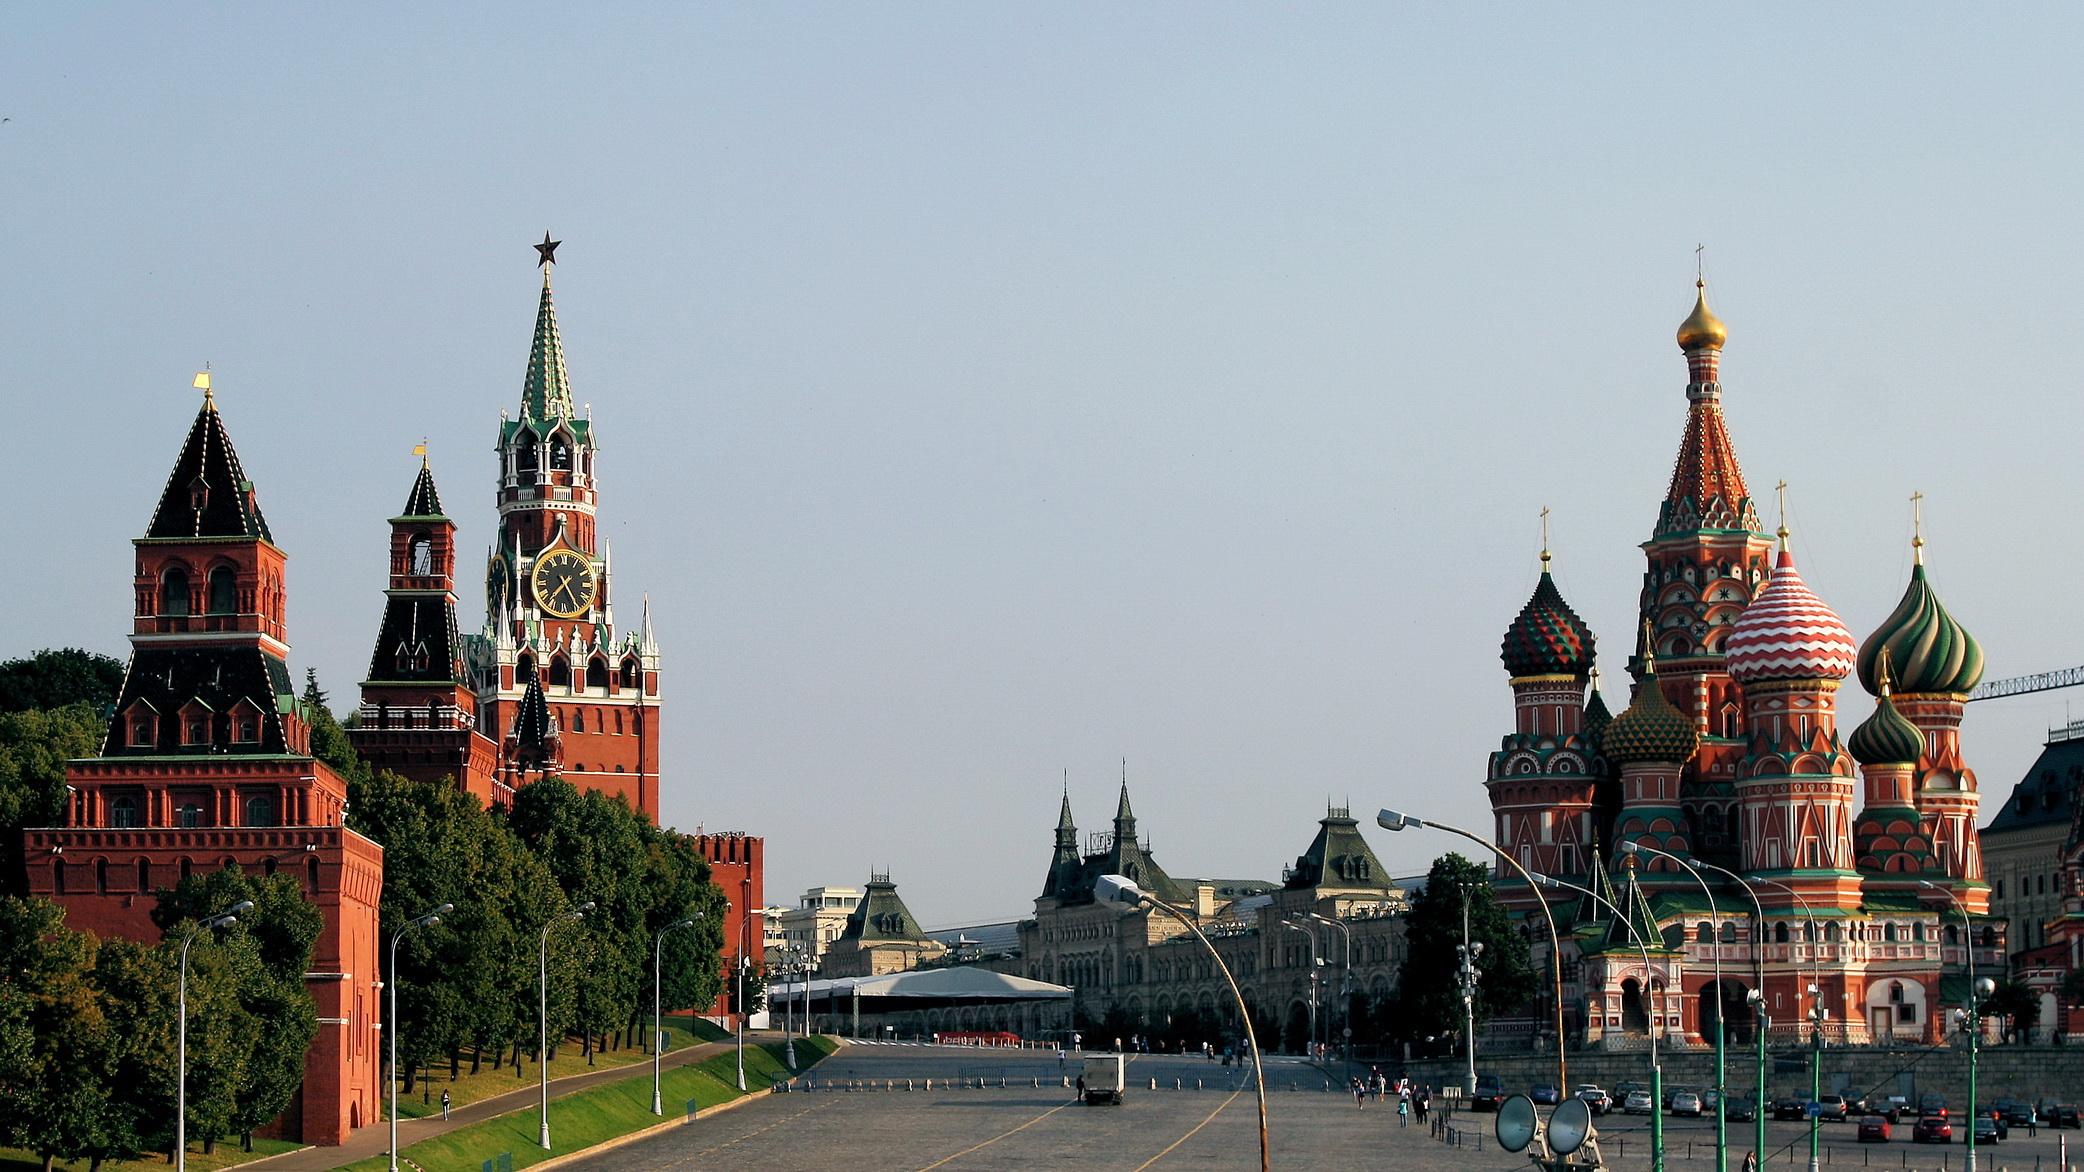 архитектура страны Церковь Москва Россия  № 2449666 загрузить